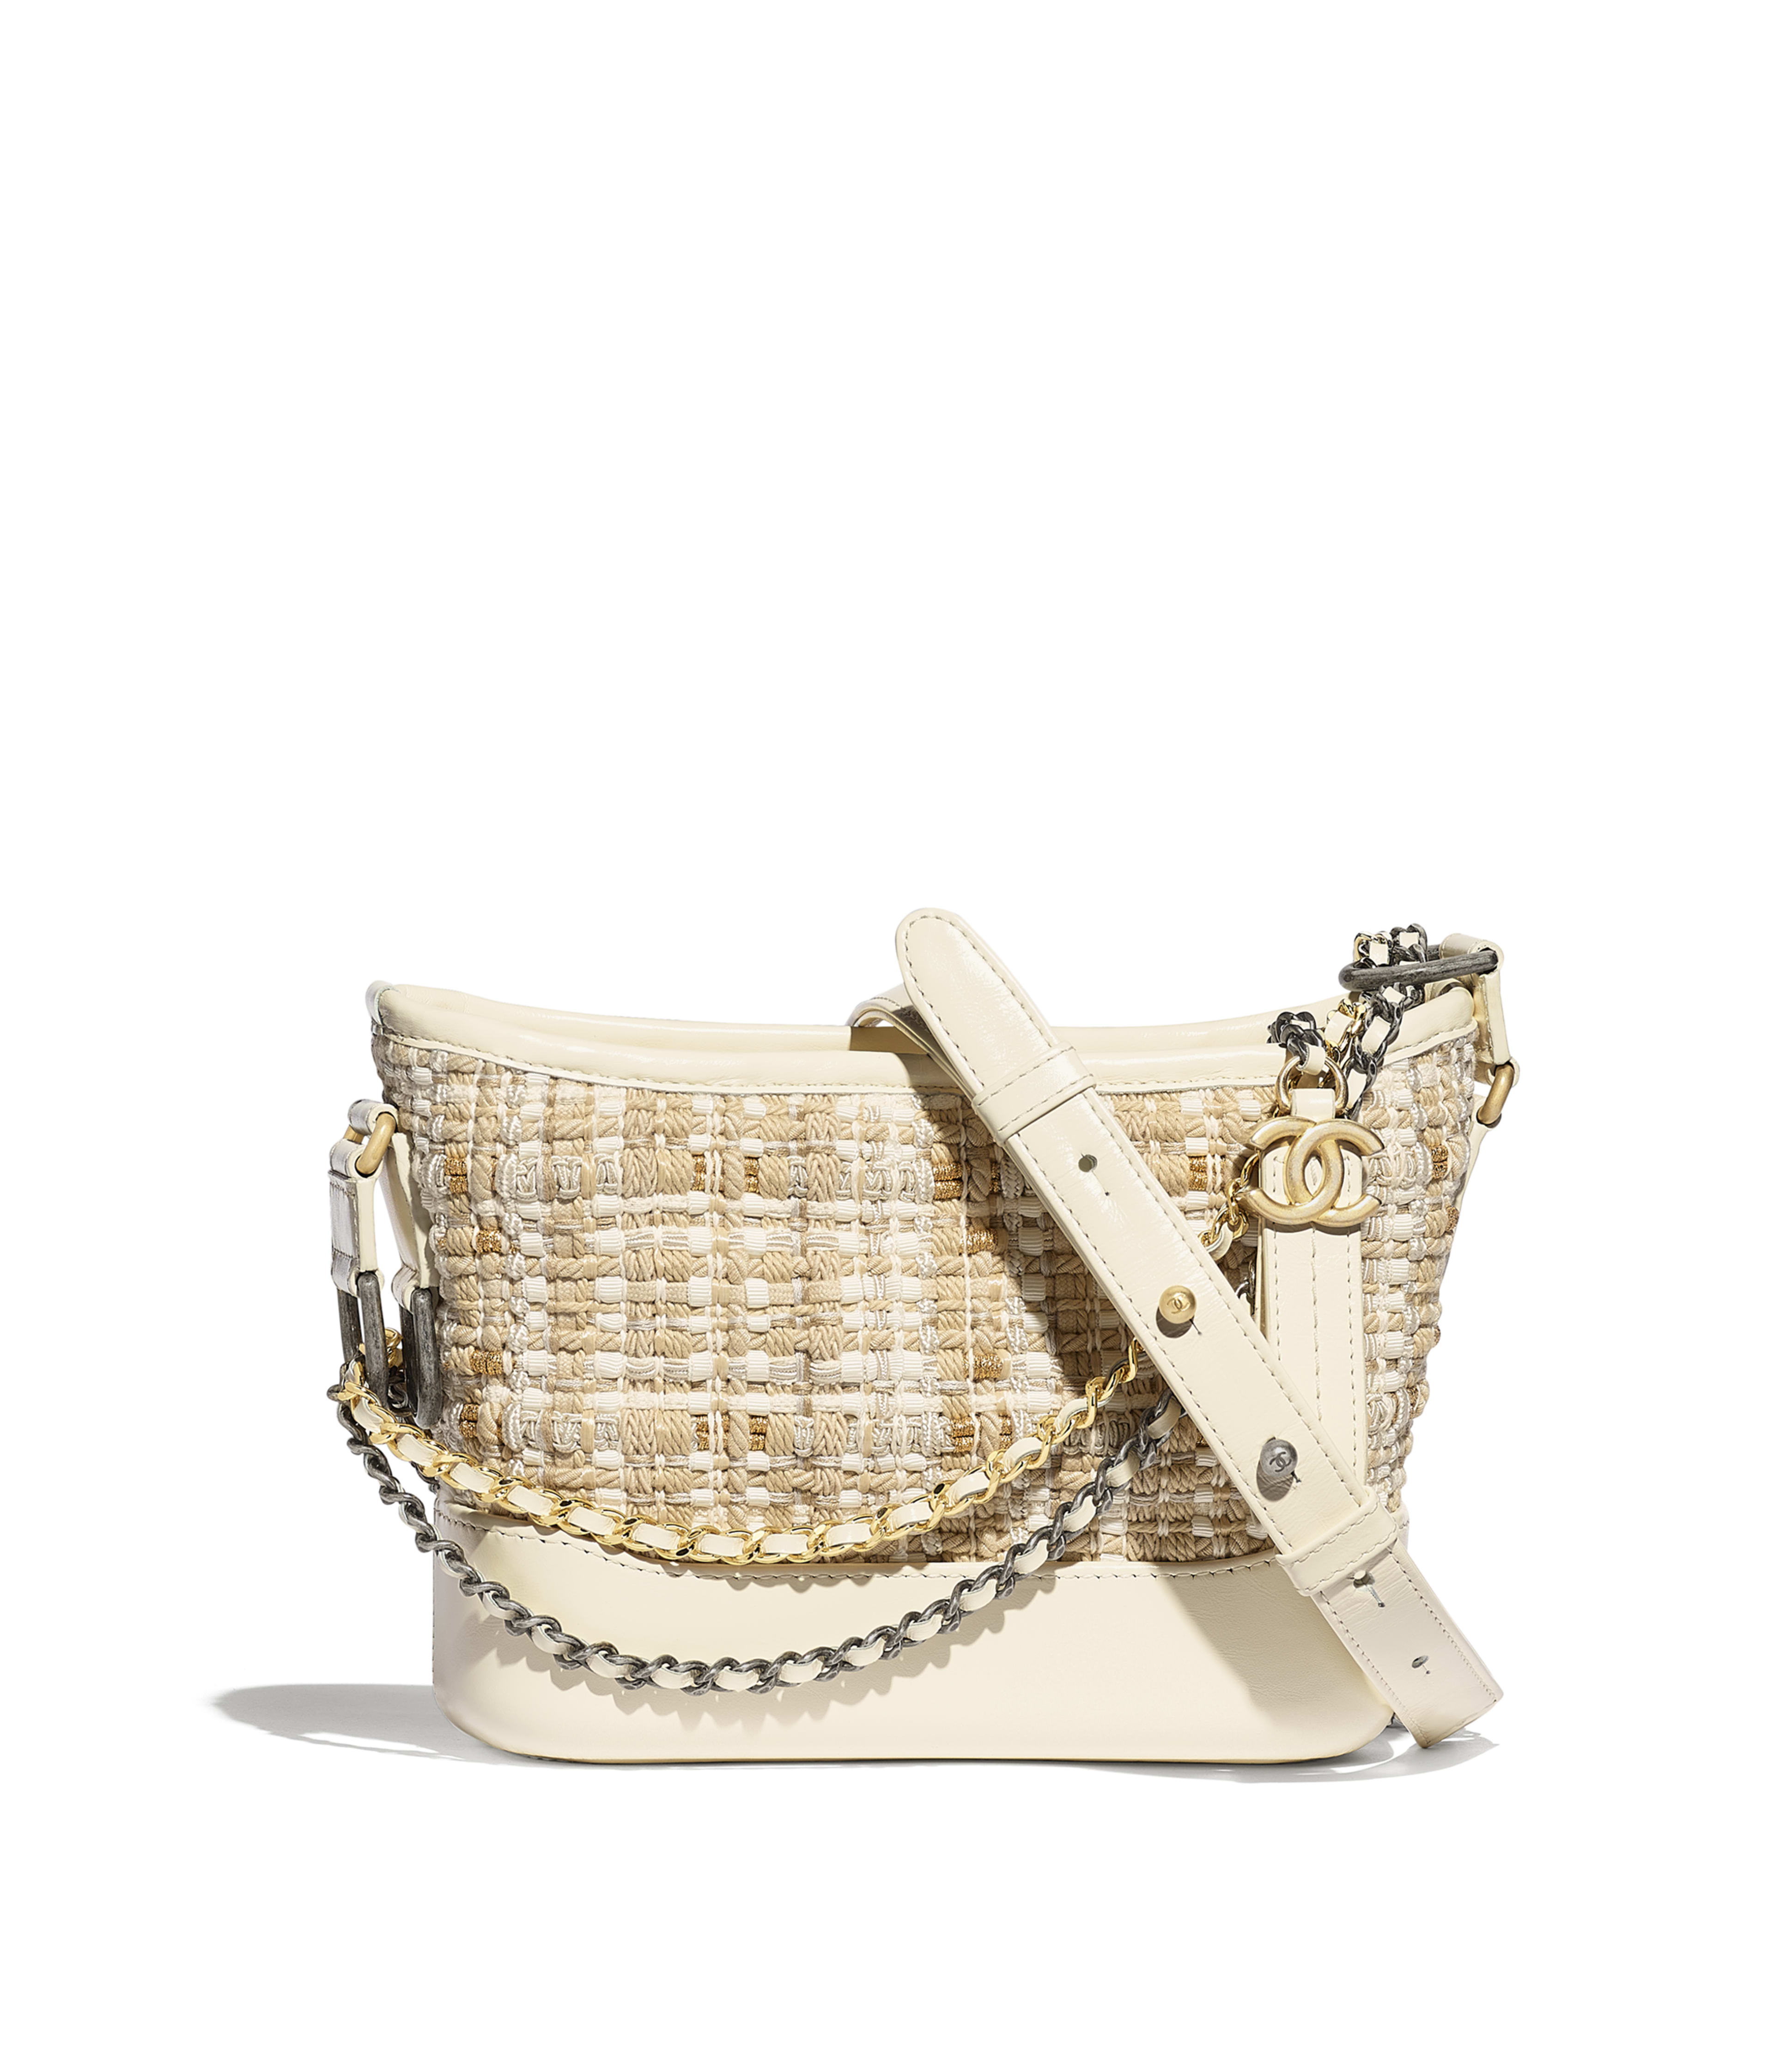 CHANEL S GABRIELLE Bag - Handbags  6450a5ab3f9cd